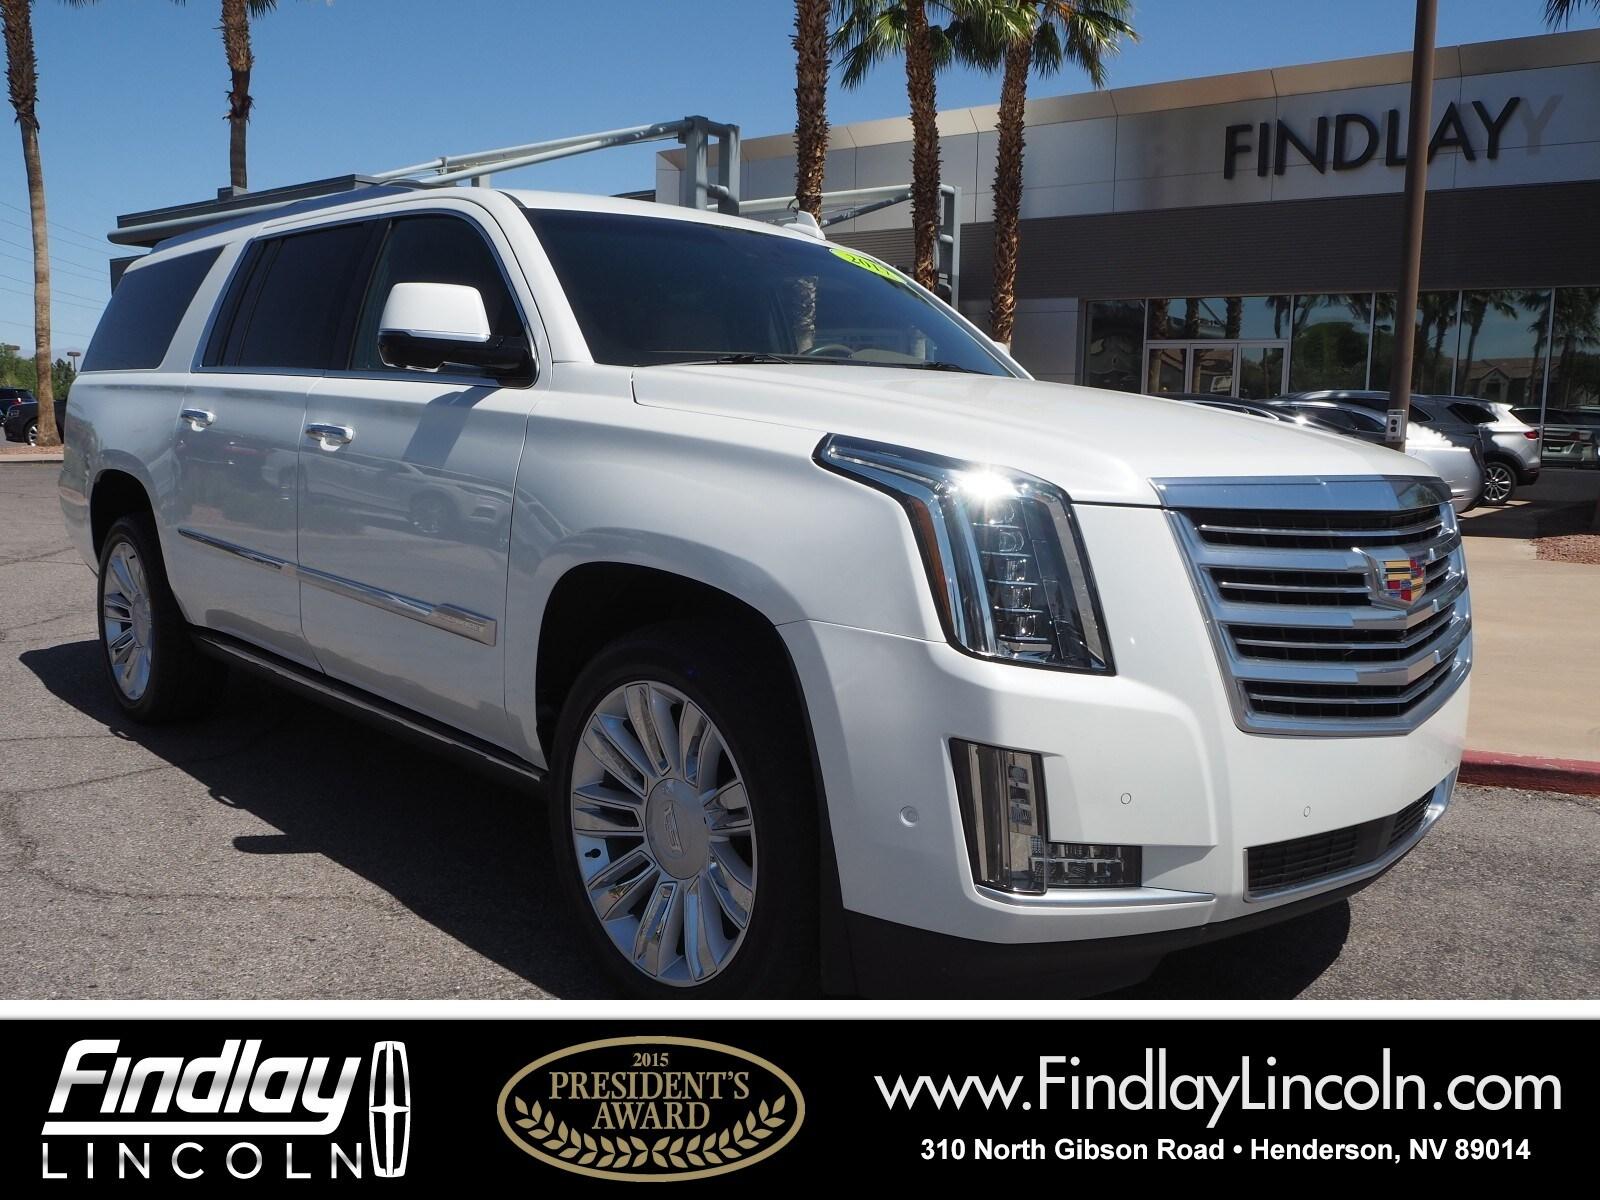 2017 Cadillac Escalade ESV Platinum Edition SUV